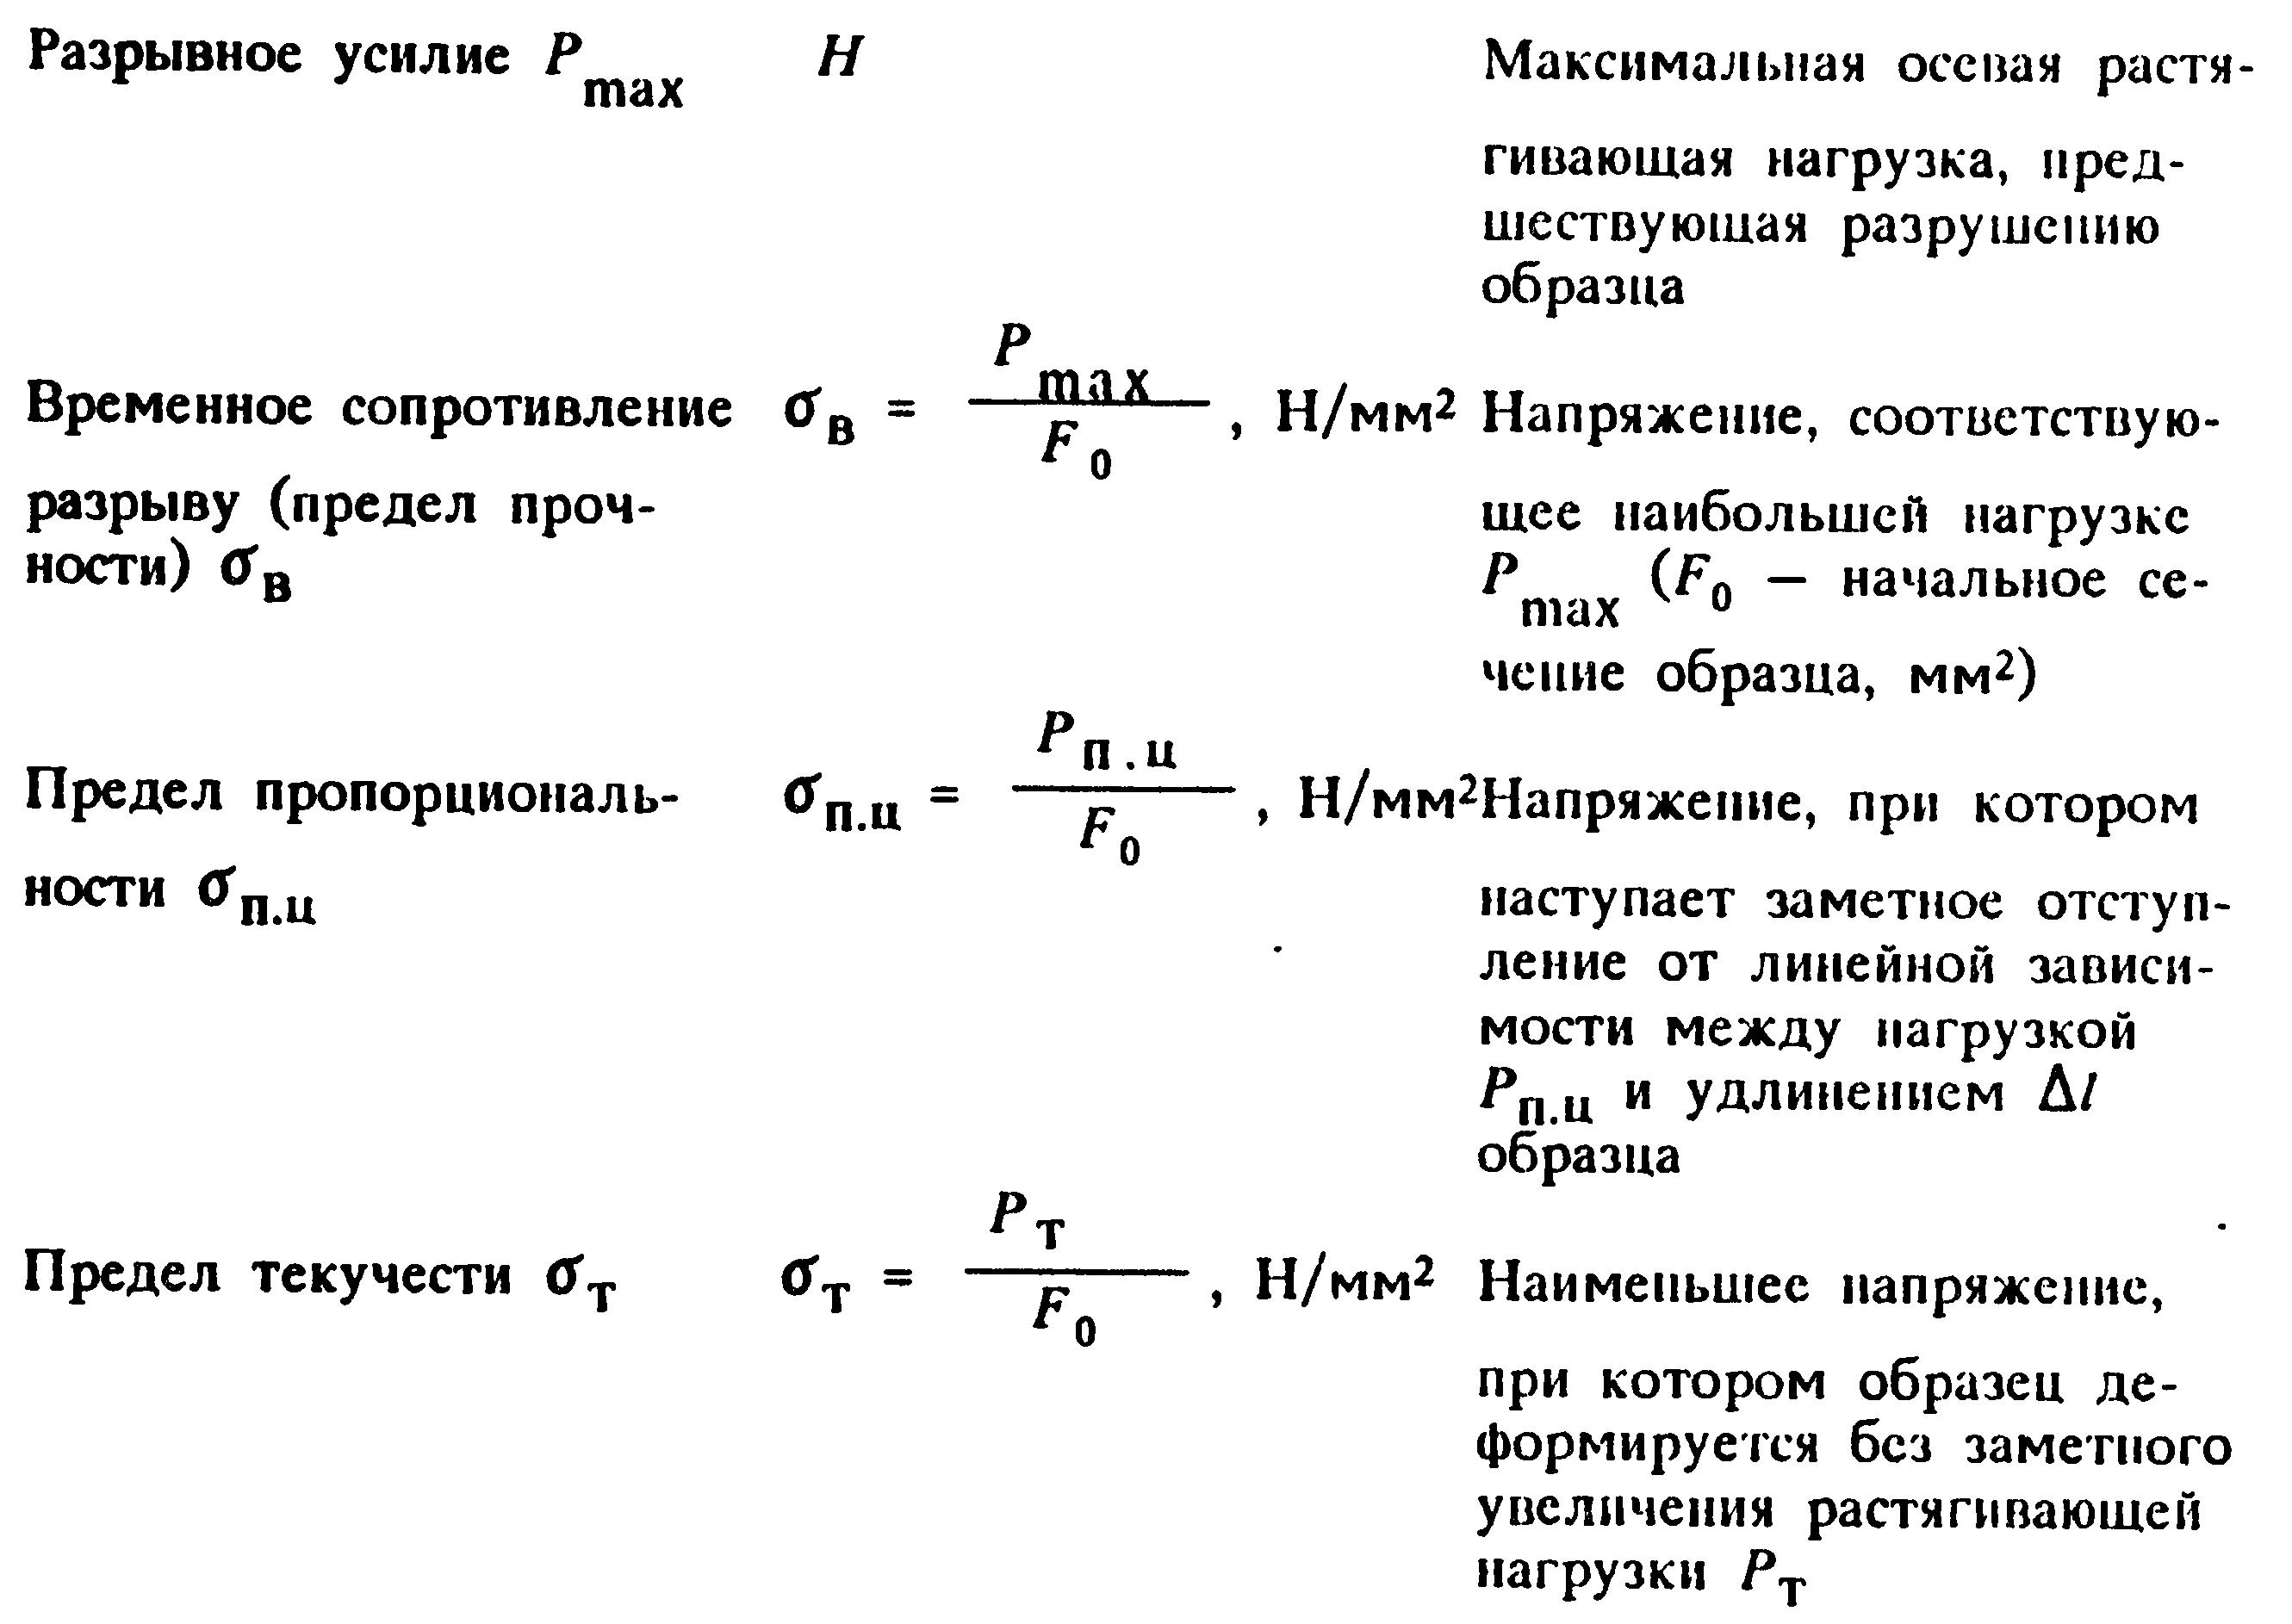 схема волочения